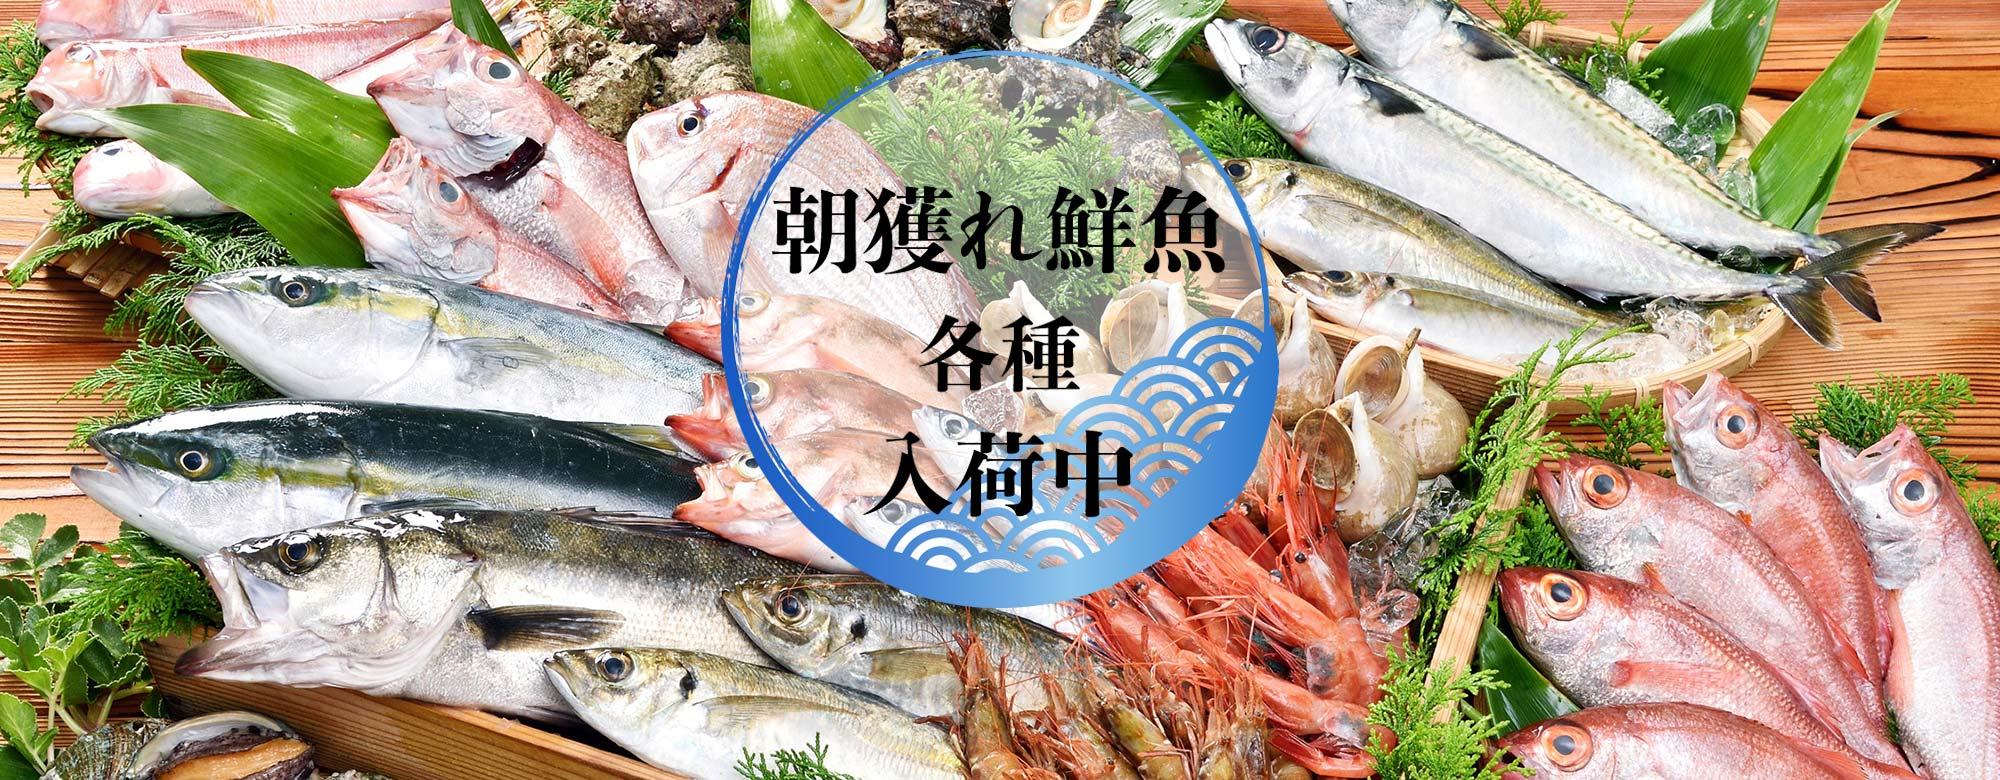 福井県あわら市の真洋水産は越前ガニ専門店です